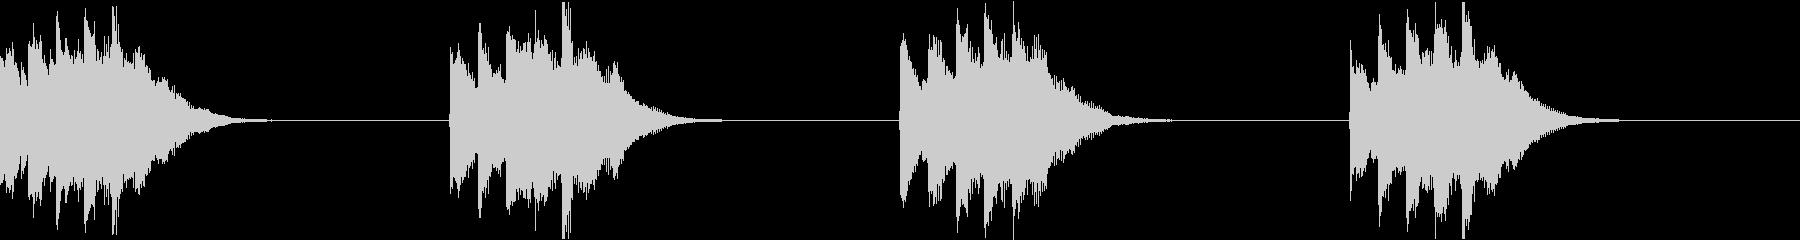 シンプル ベル 着信音 チャイム A19の未再生の波形